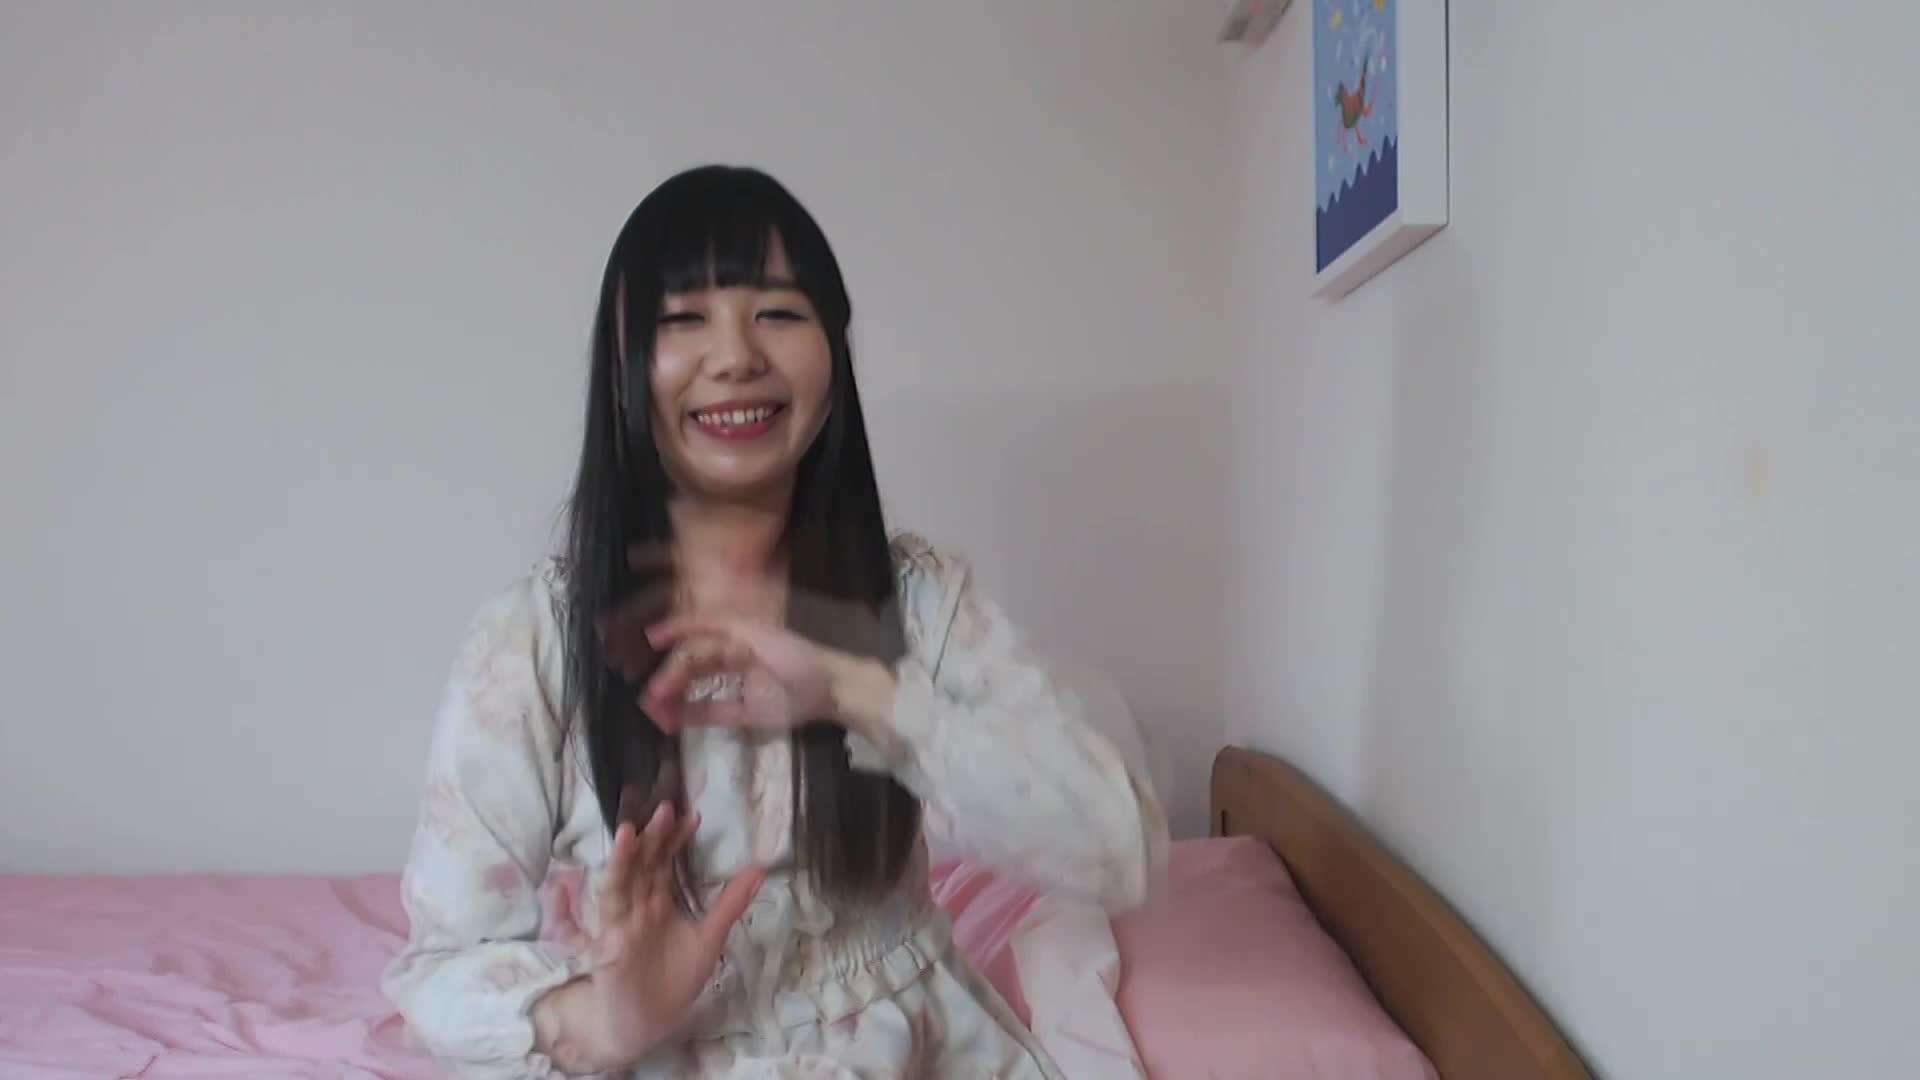 2 盗撮投稿 : 菊池エリ 秘蔵エロスプラネット 美熟女の誘惑